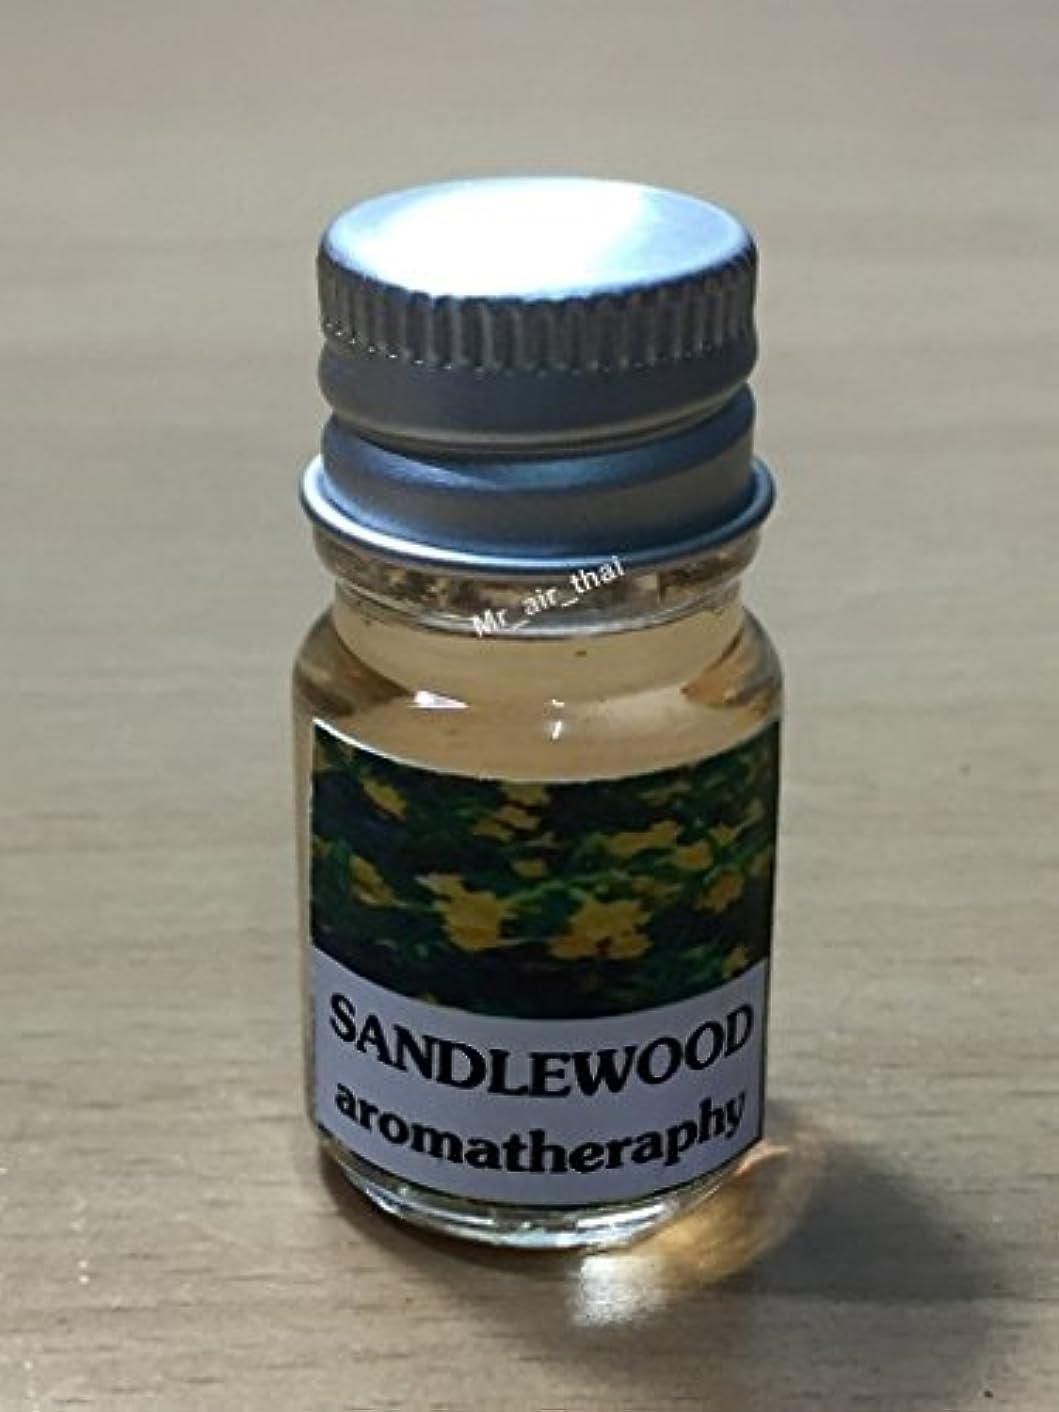 雇った星ハイライト5ミリリットルアロマサンダルウッドフランクインセンスエッセンシャルオイルボトルアロマテラピーオイル自然自然5ml Aroma Sandlewood Frankincense Essential Oil Bottles Aromatherapy...